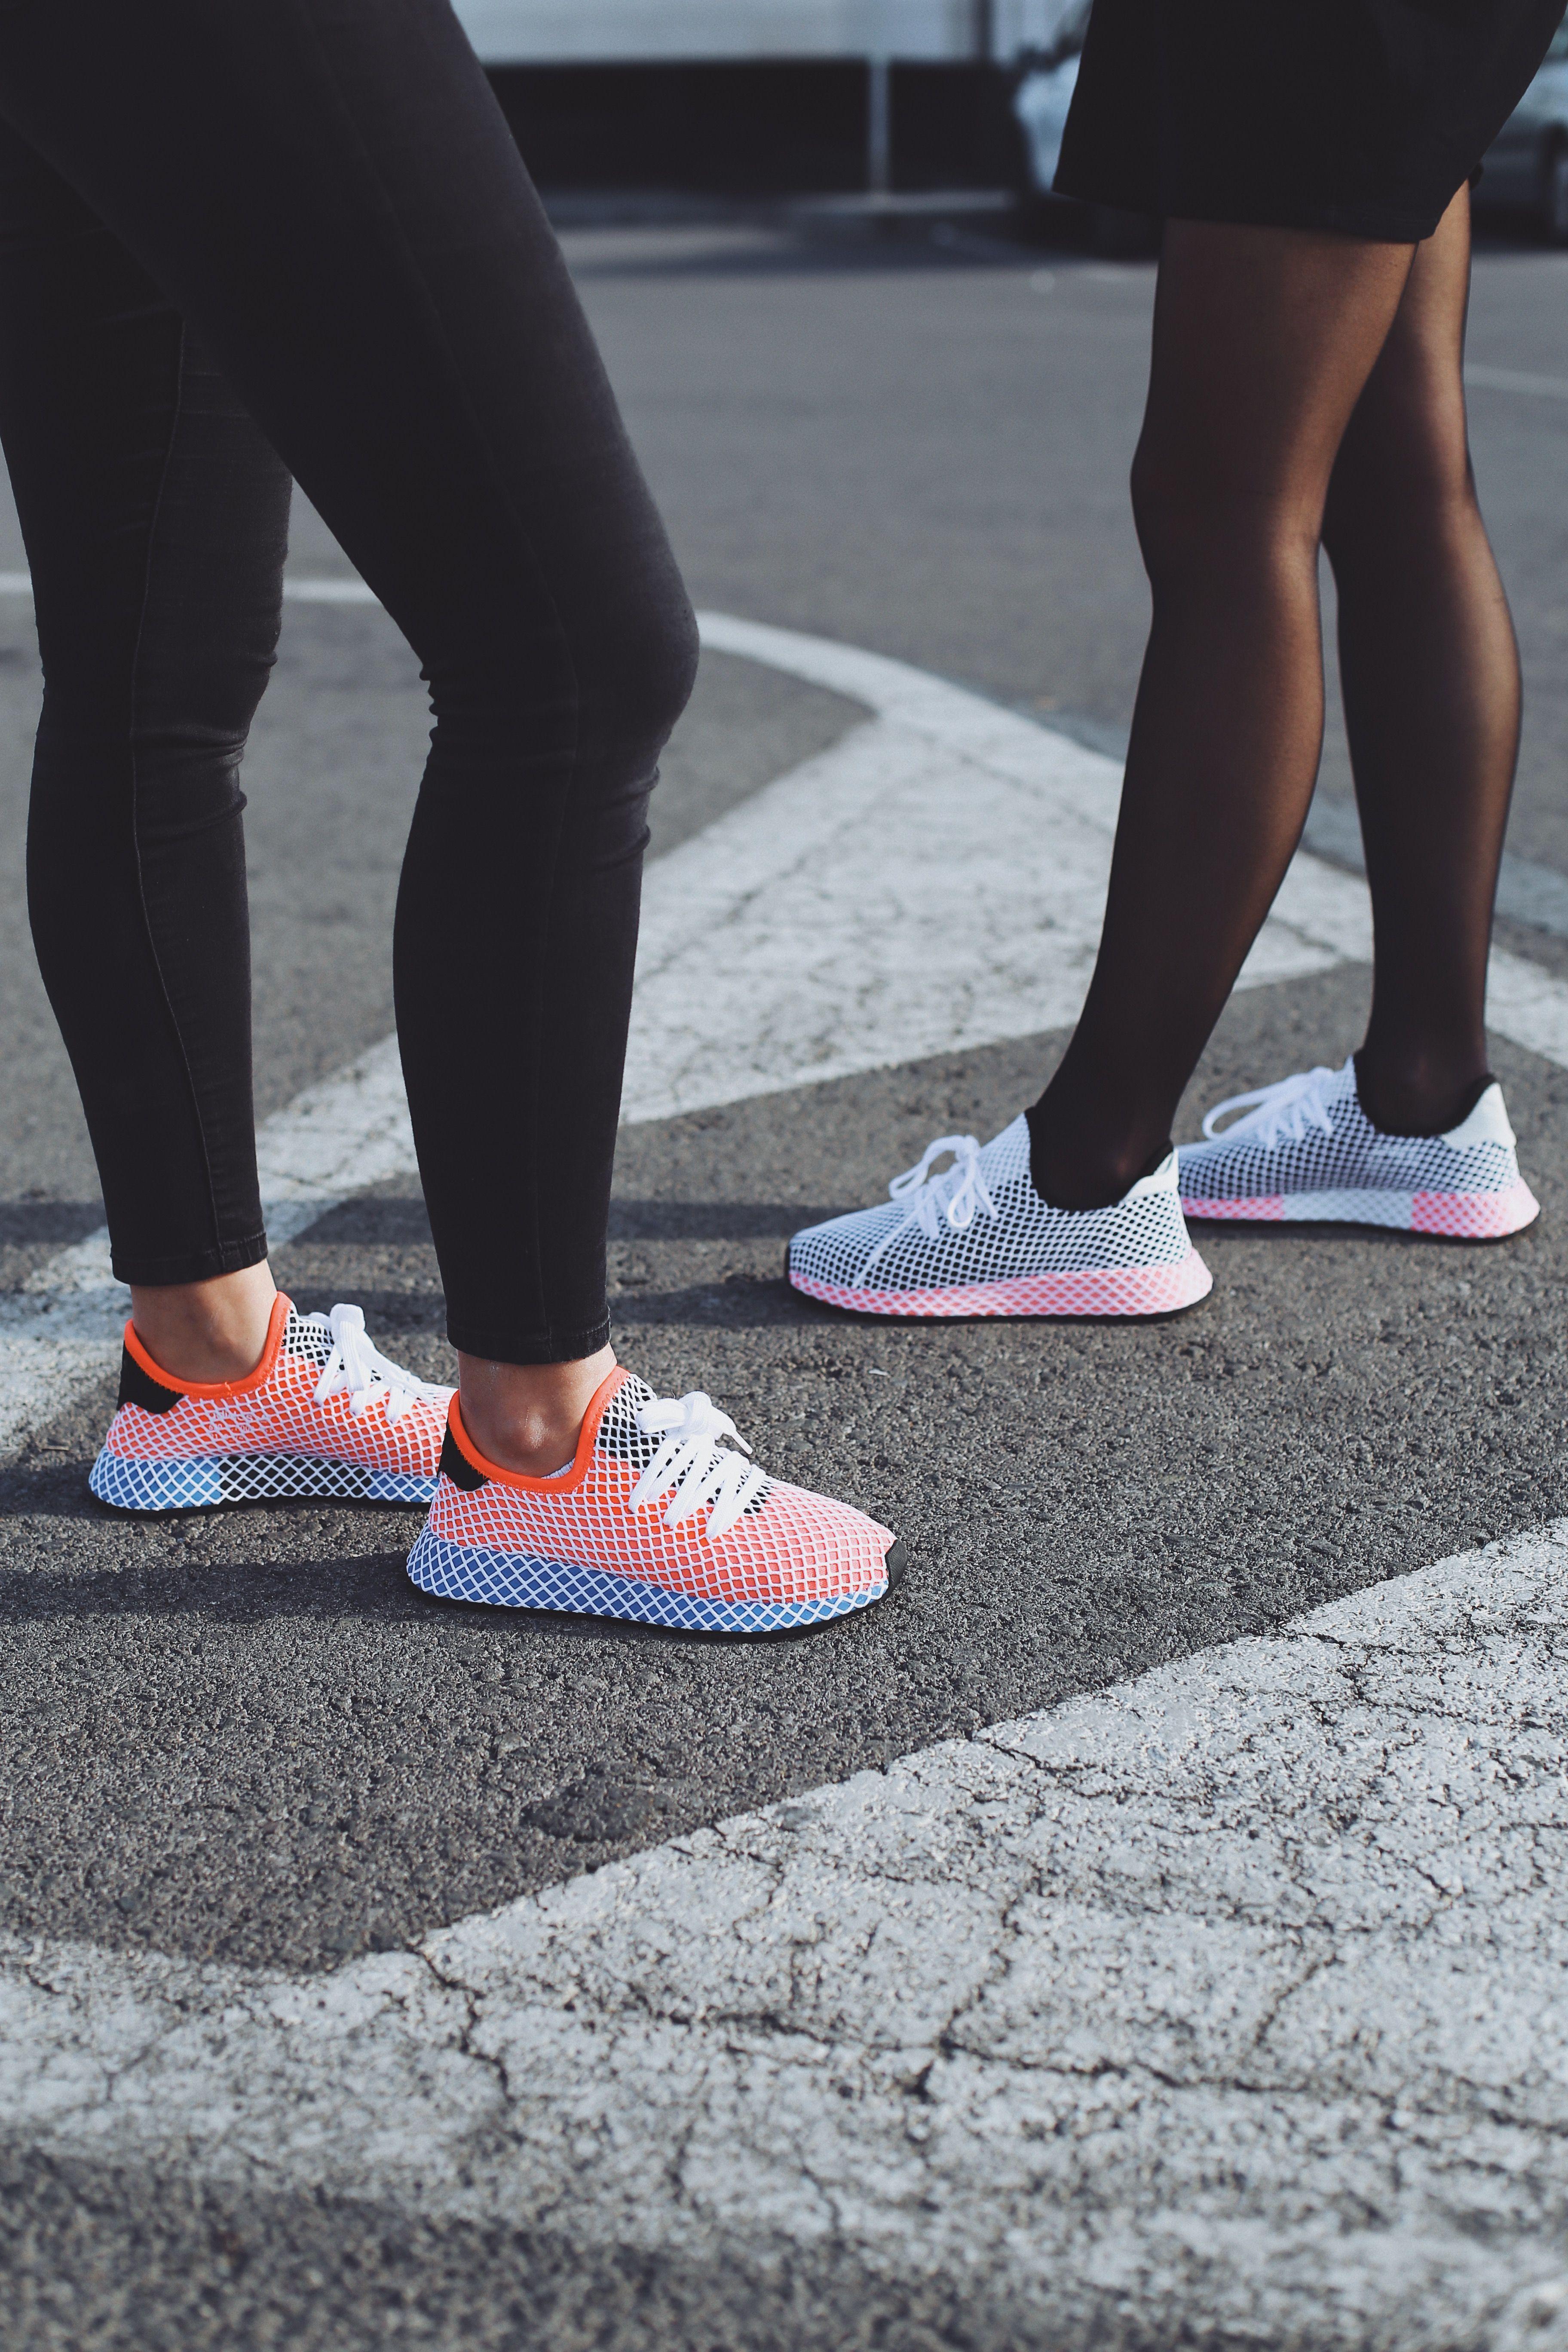 golpear Maligno Abuelos visitantes  Aún no tienes tus Adidas Deerupt?⚡️ | Zapatos adidas mujer, Zapatos nike  mujer, Calzado adidas